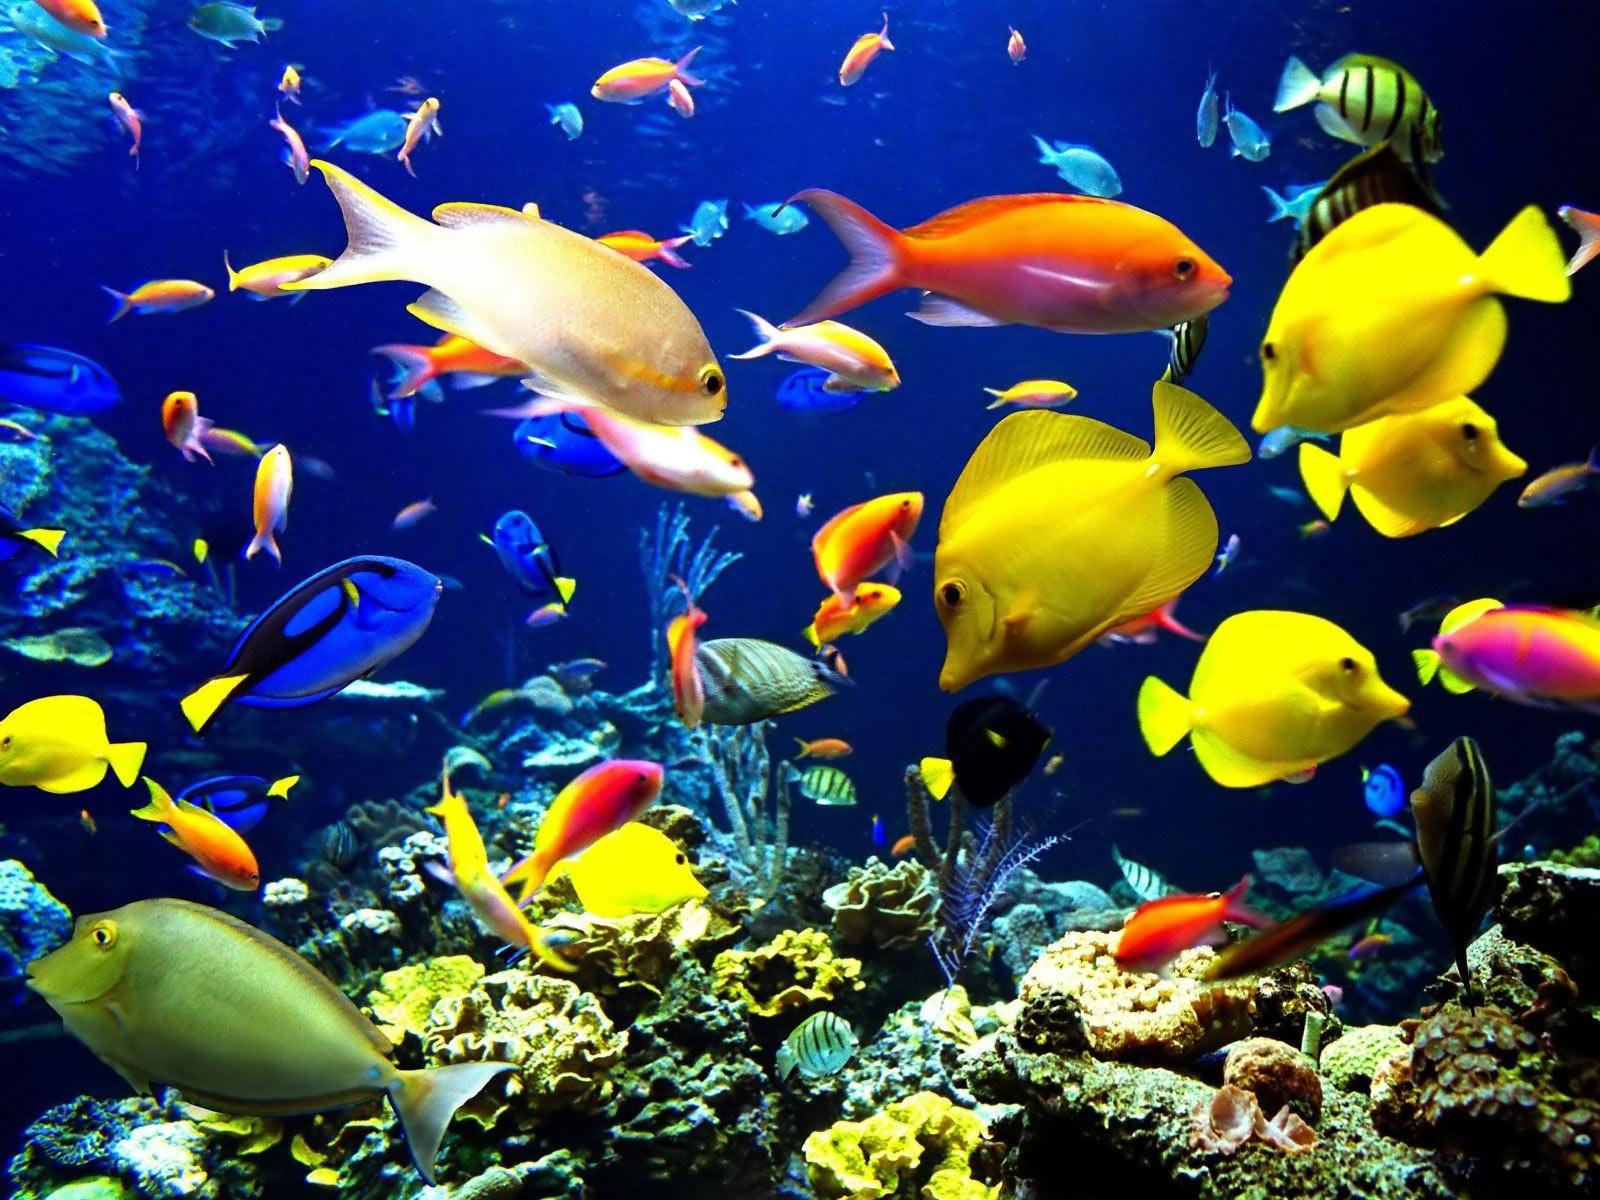 Live Aquarium Wallpaper 4 Wallpapers